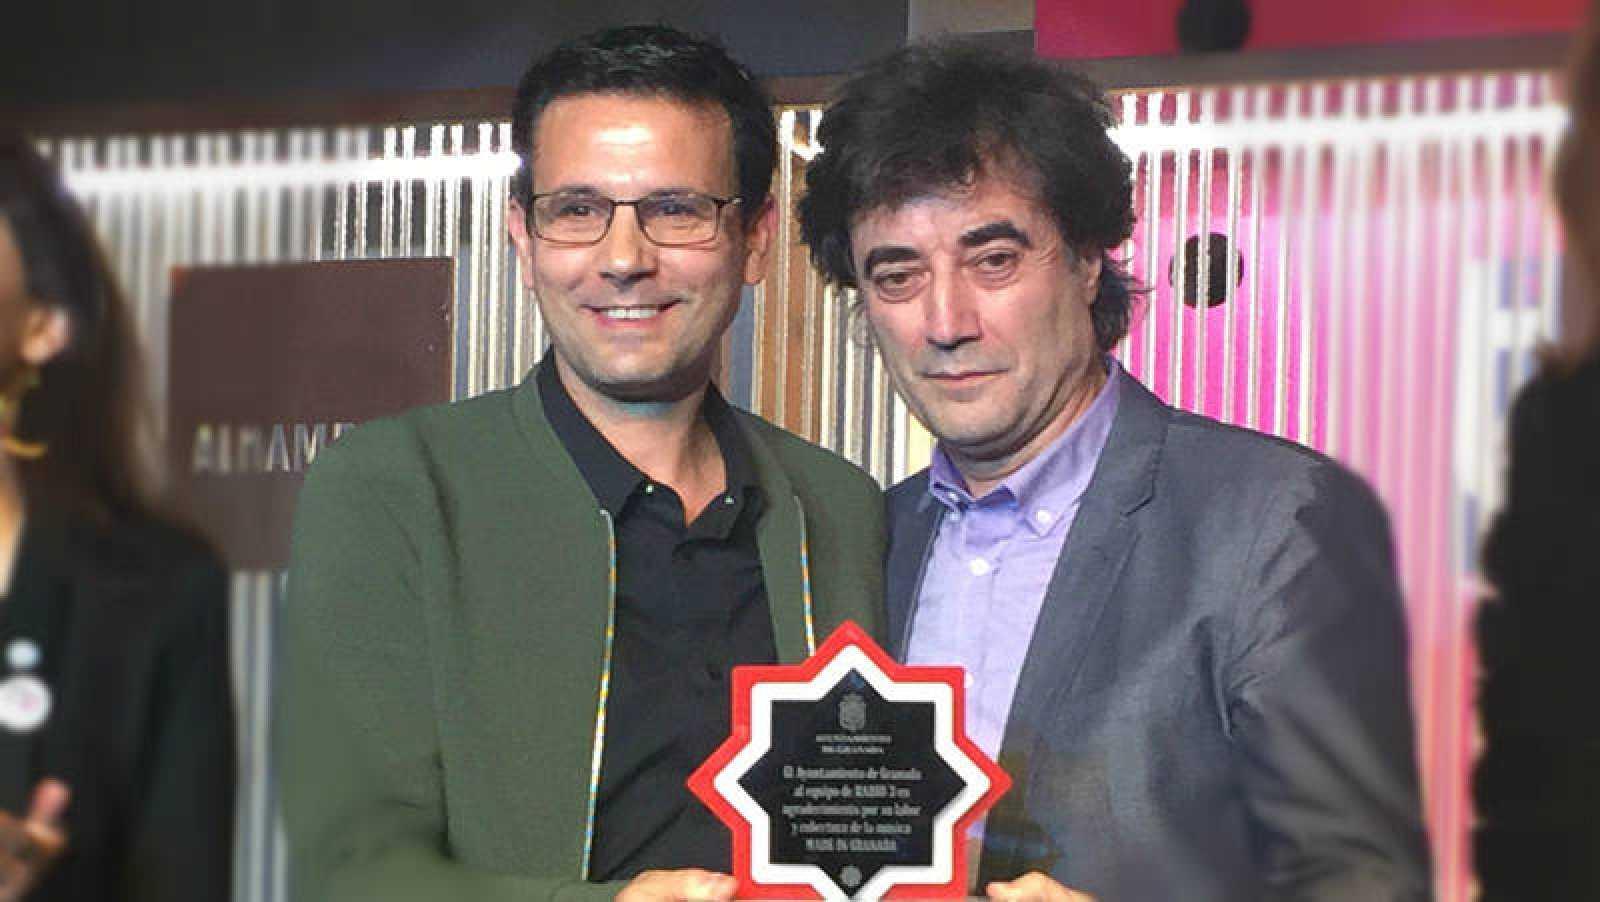 El director de Radio 3, Tomás Fdo. Flores, recogiendo el galardón del Ayuntamiento de Granada